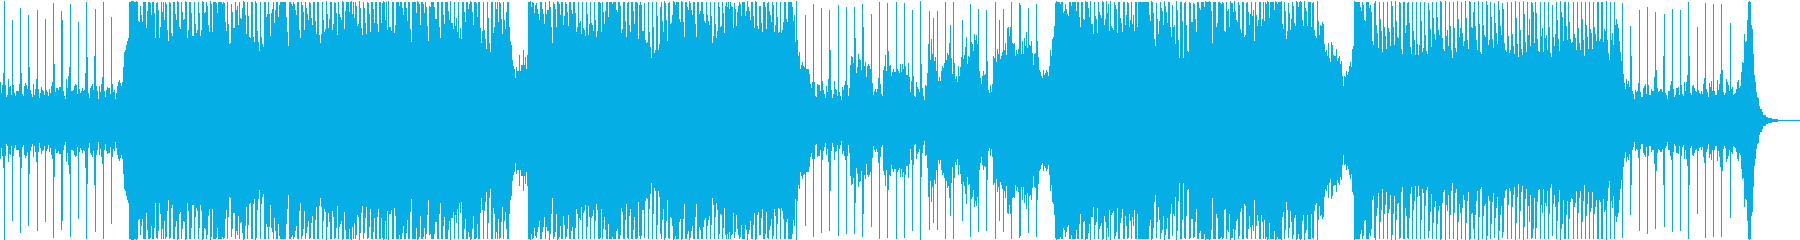 風をイメージした穏やかなフルートBGMの再生済みの波形